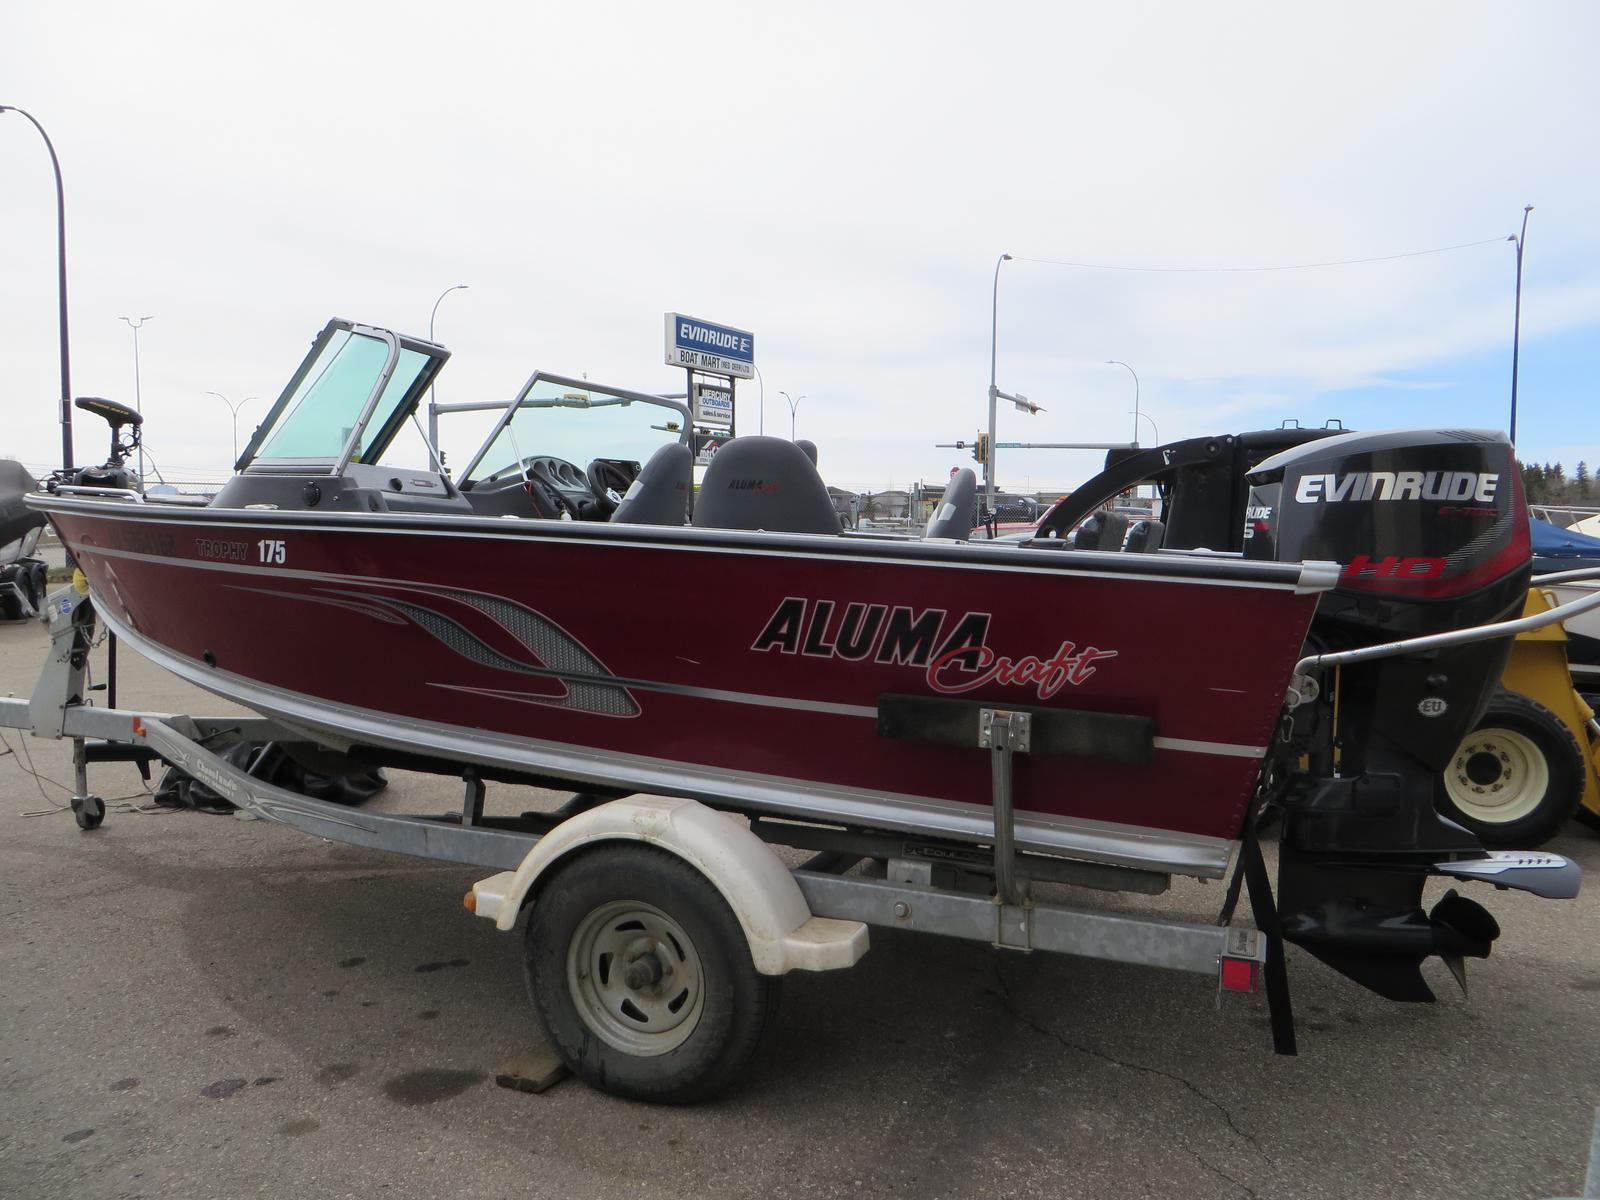 Used Inventory Boat Mart (Red Deer) Ltd  Red Deer, AB (403